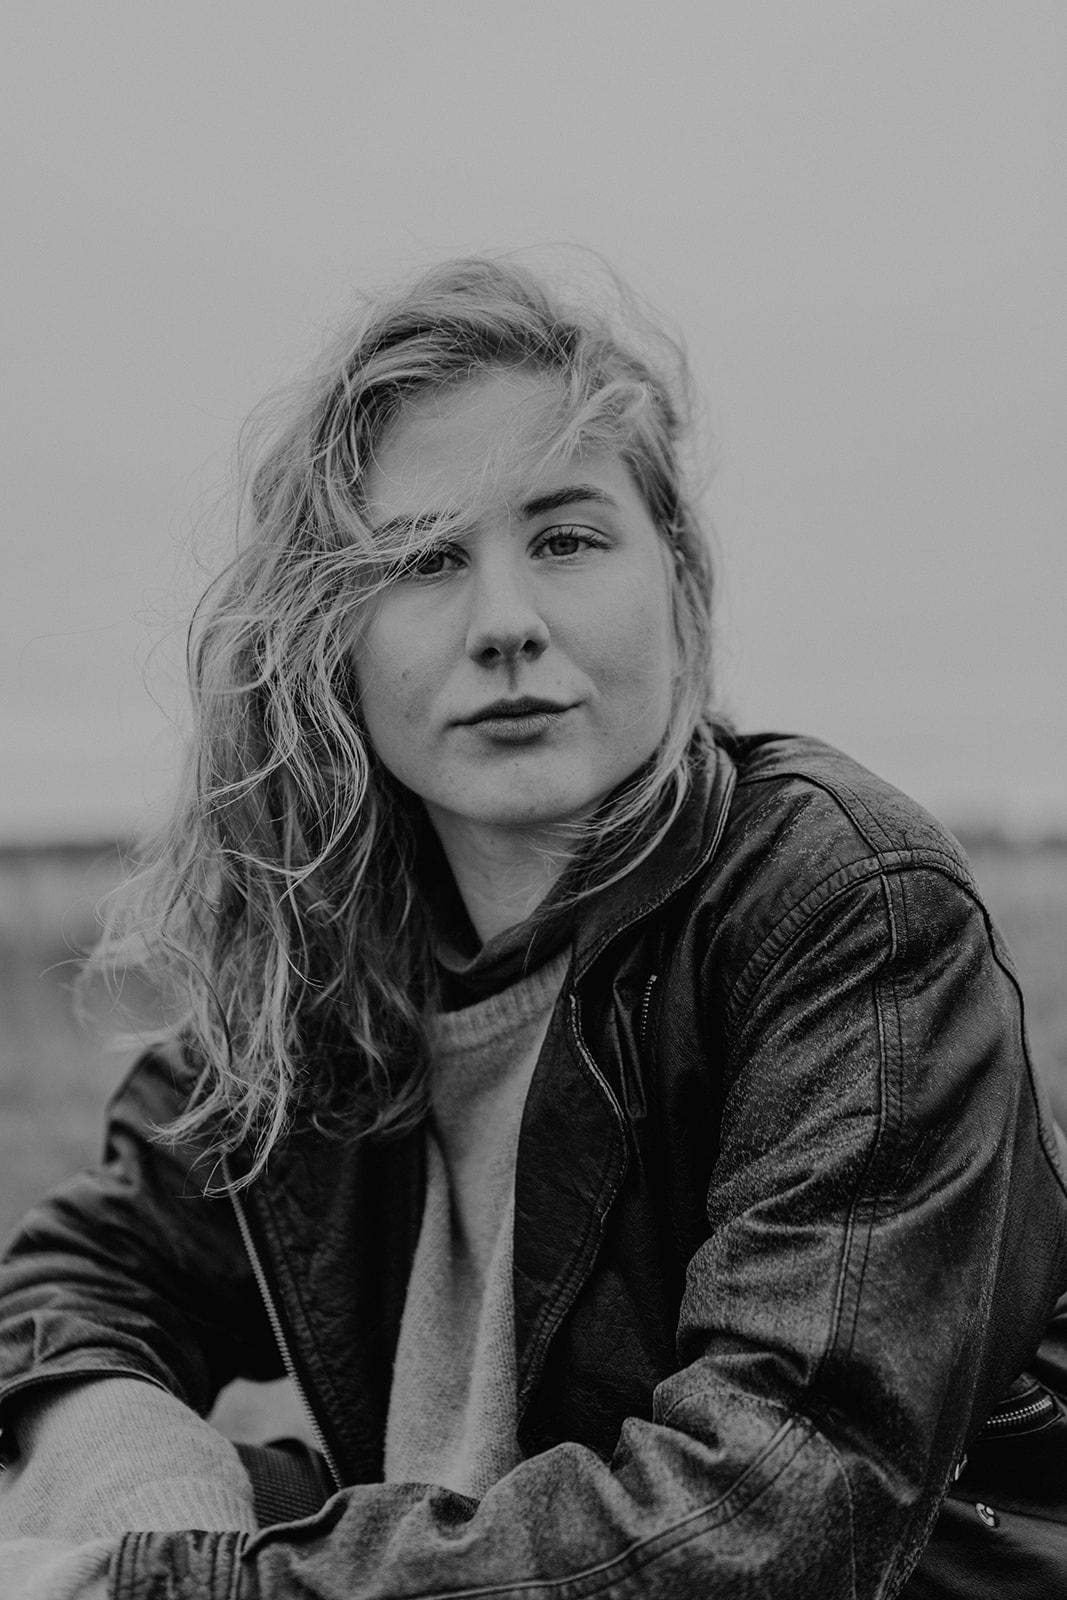 Björk Lommers